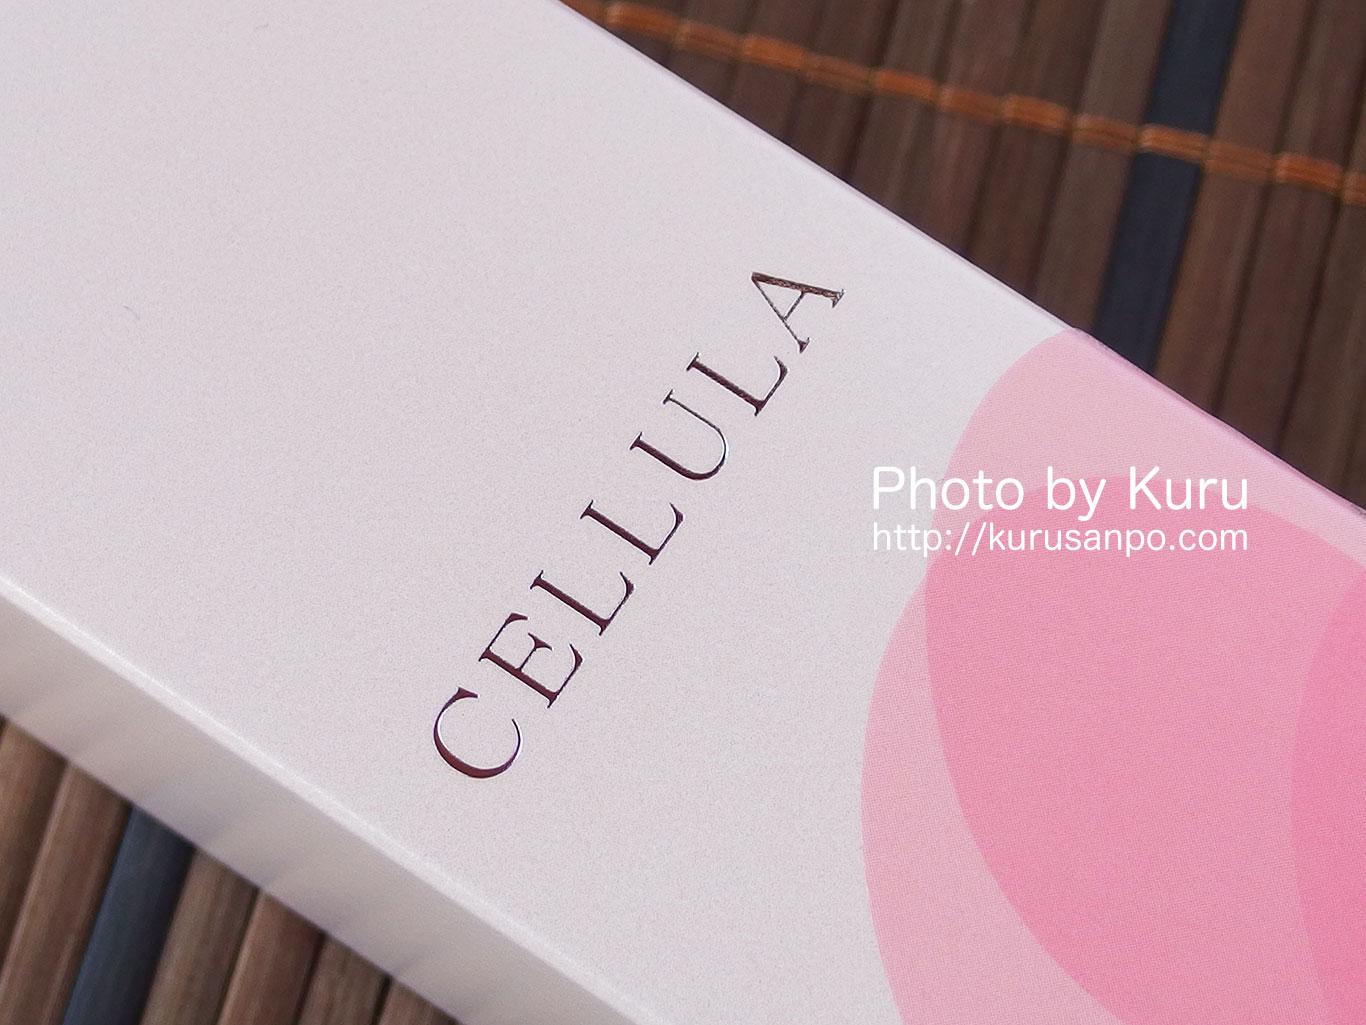 ALMADE(アルマード)『CELLULA Cleansing Gel(チェルラー クレンジングジェル)』